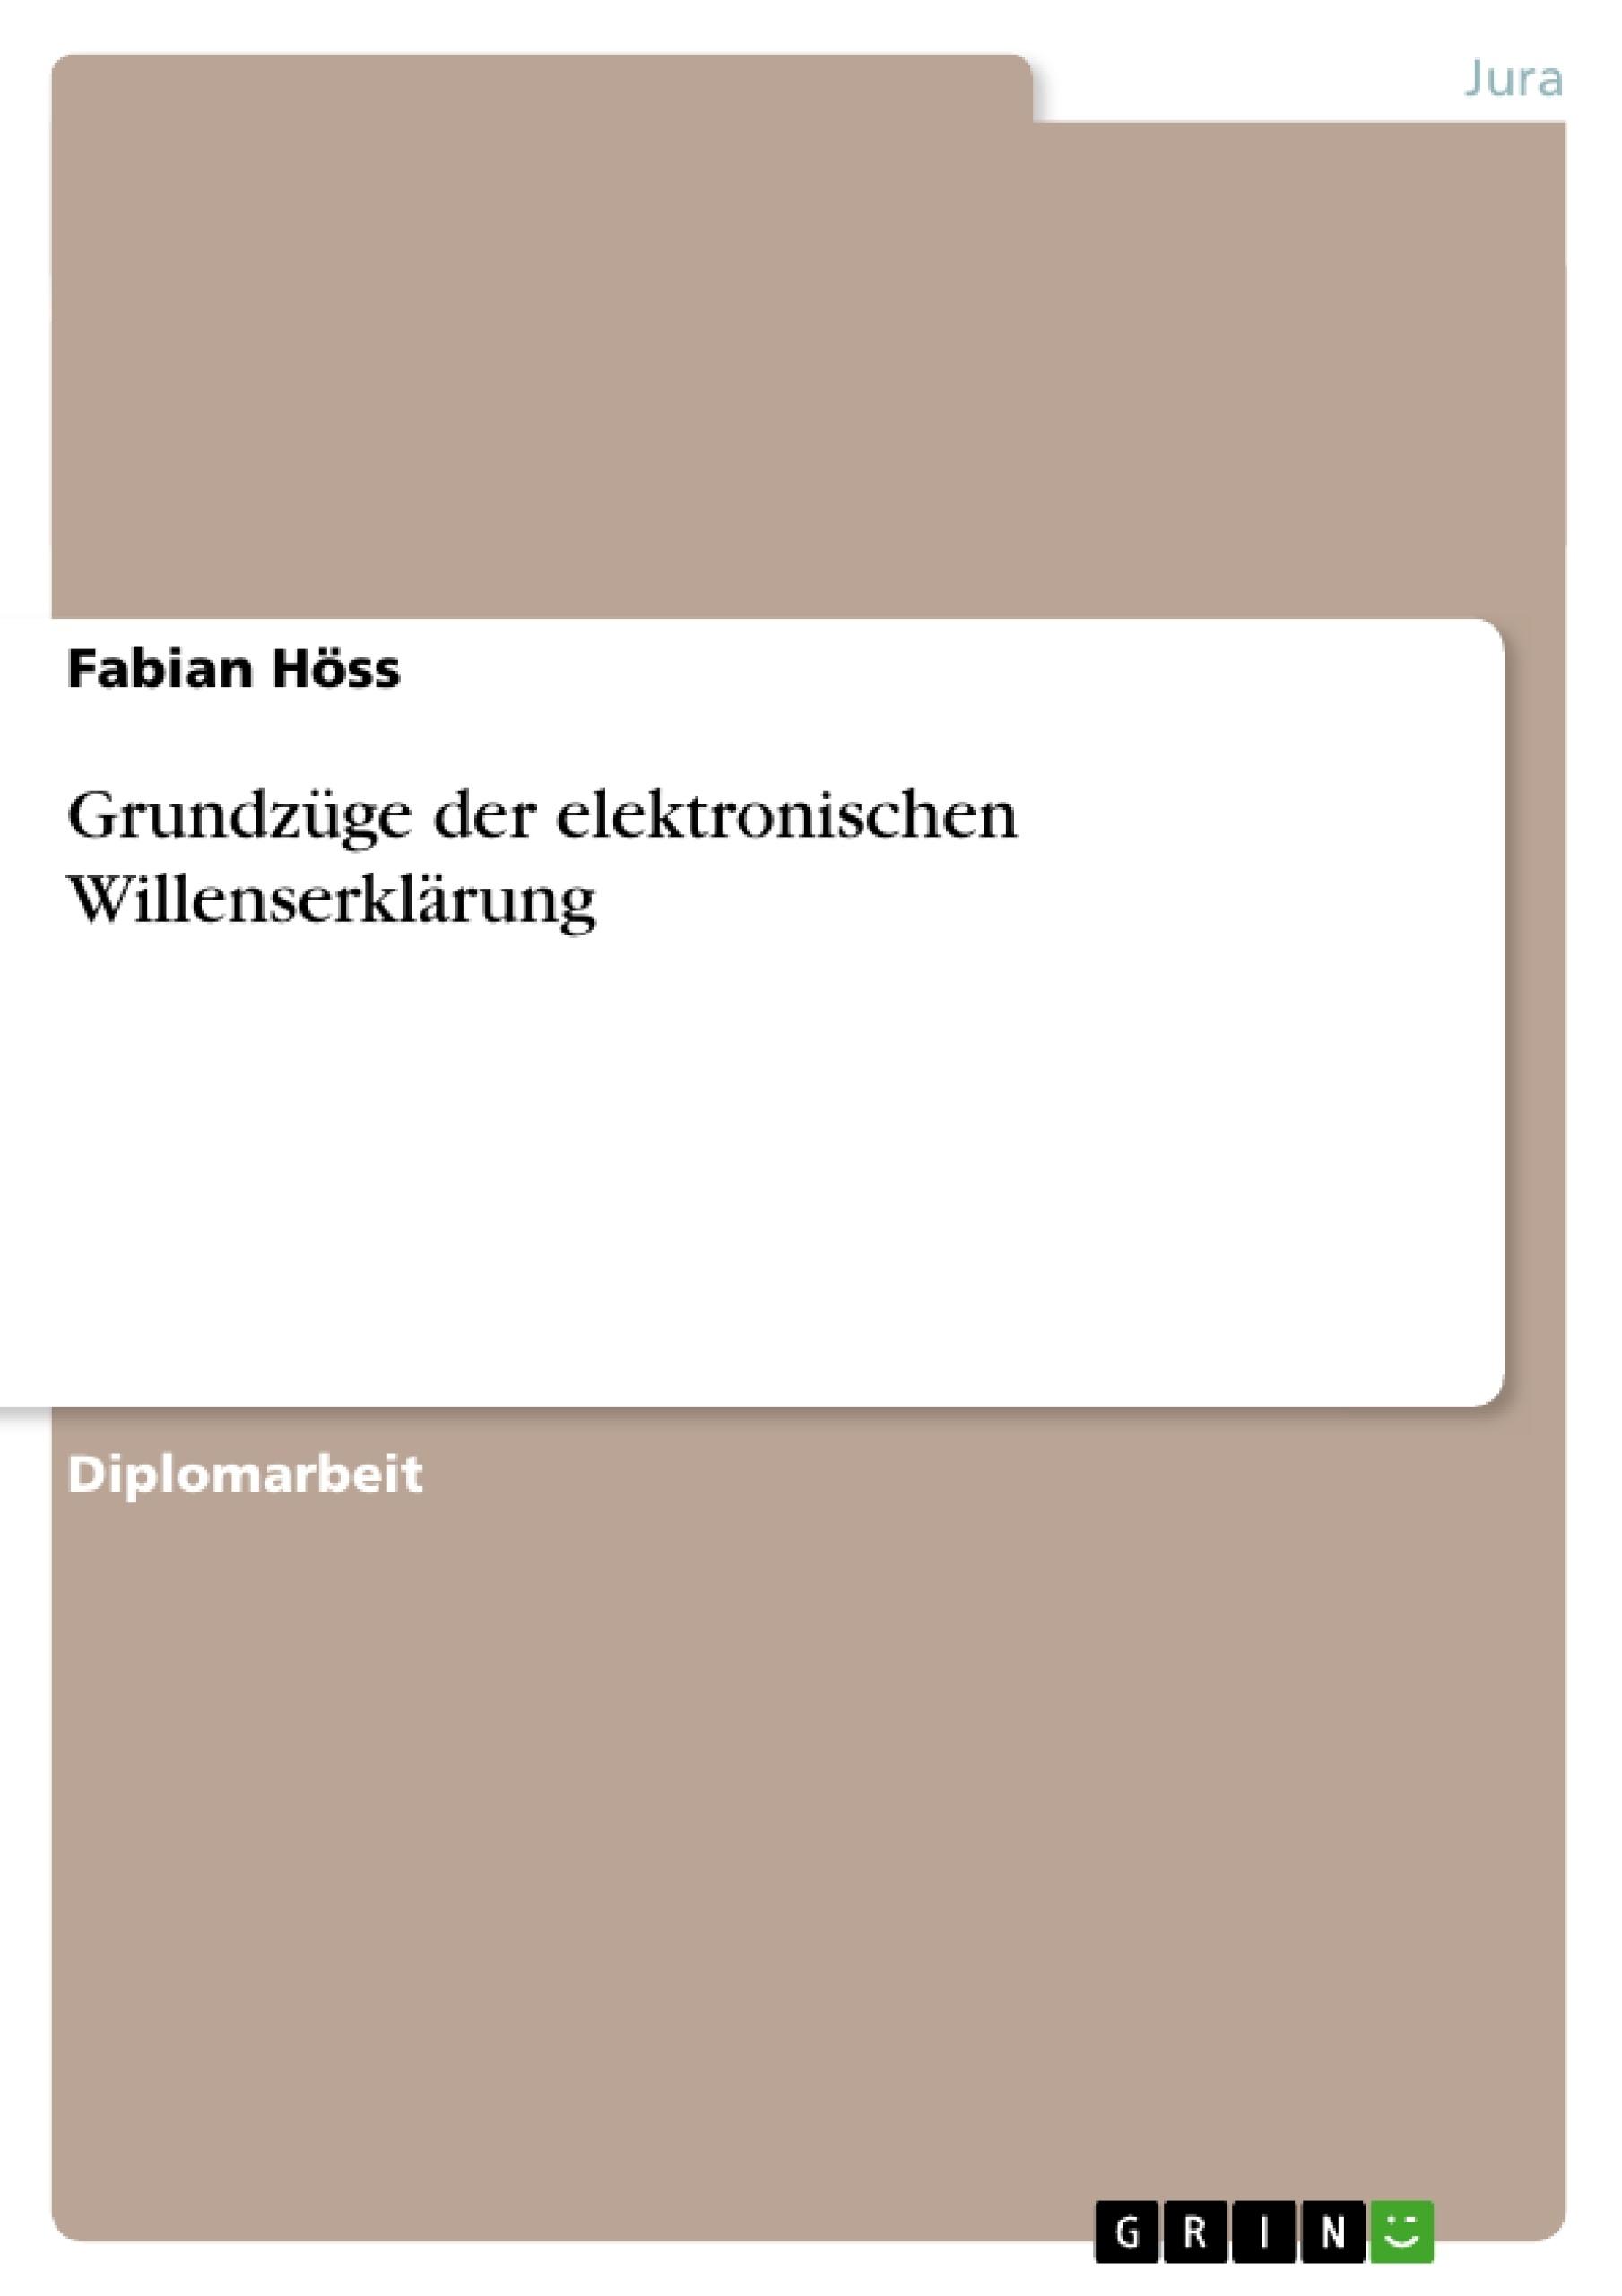 Titel: Grundzüge der elektronischen Willenserklärung